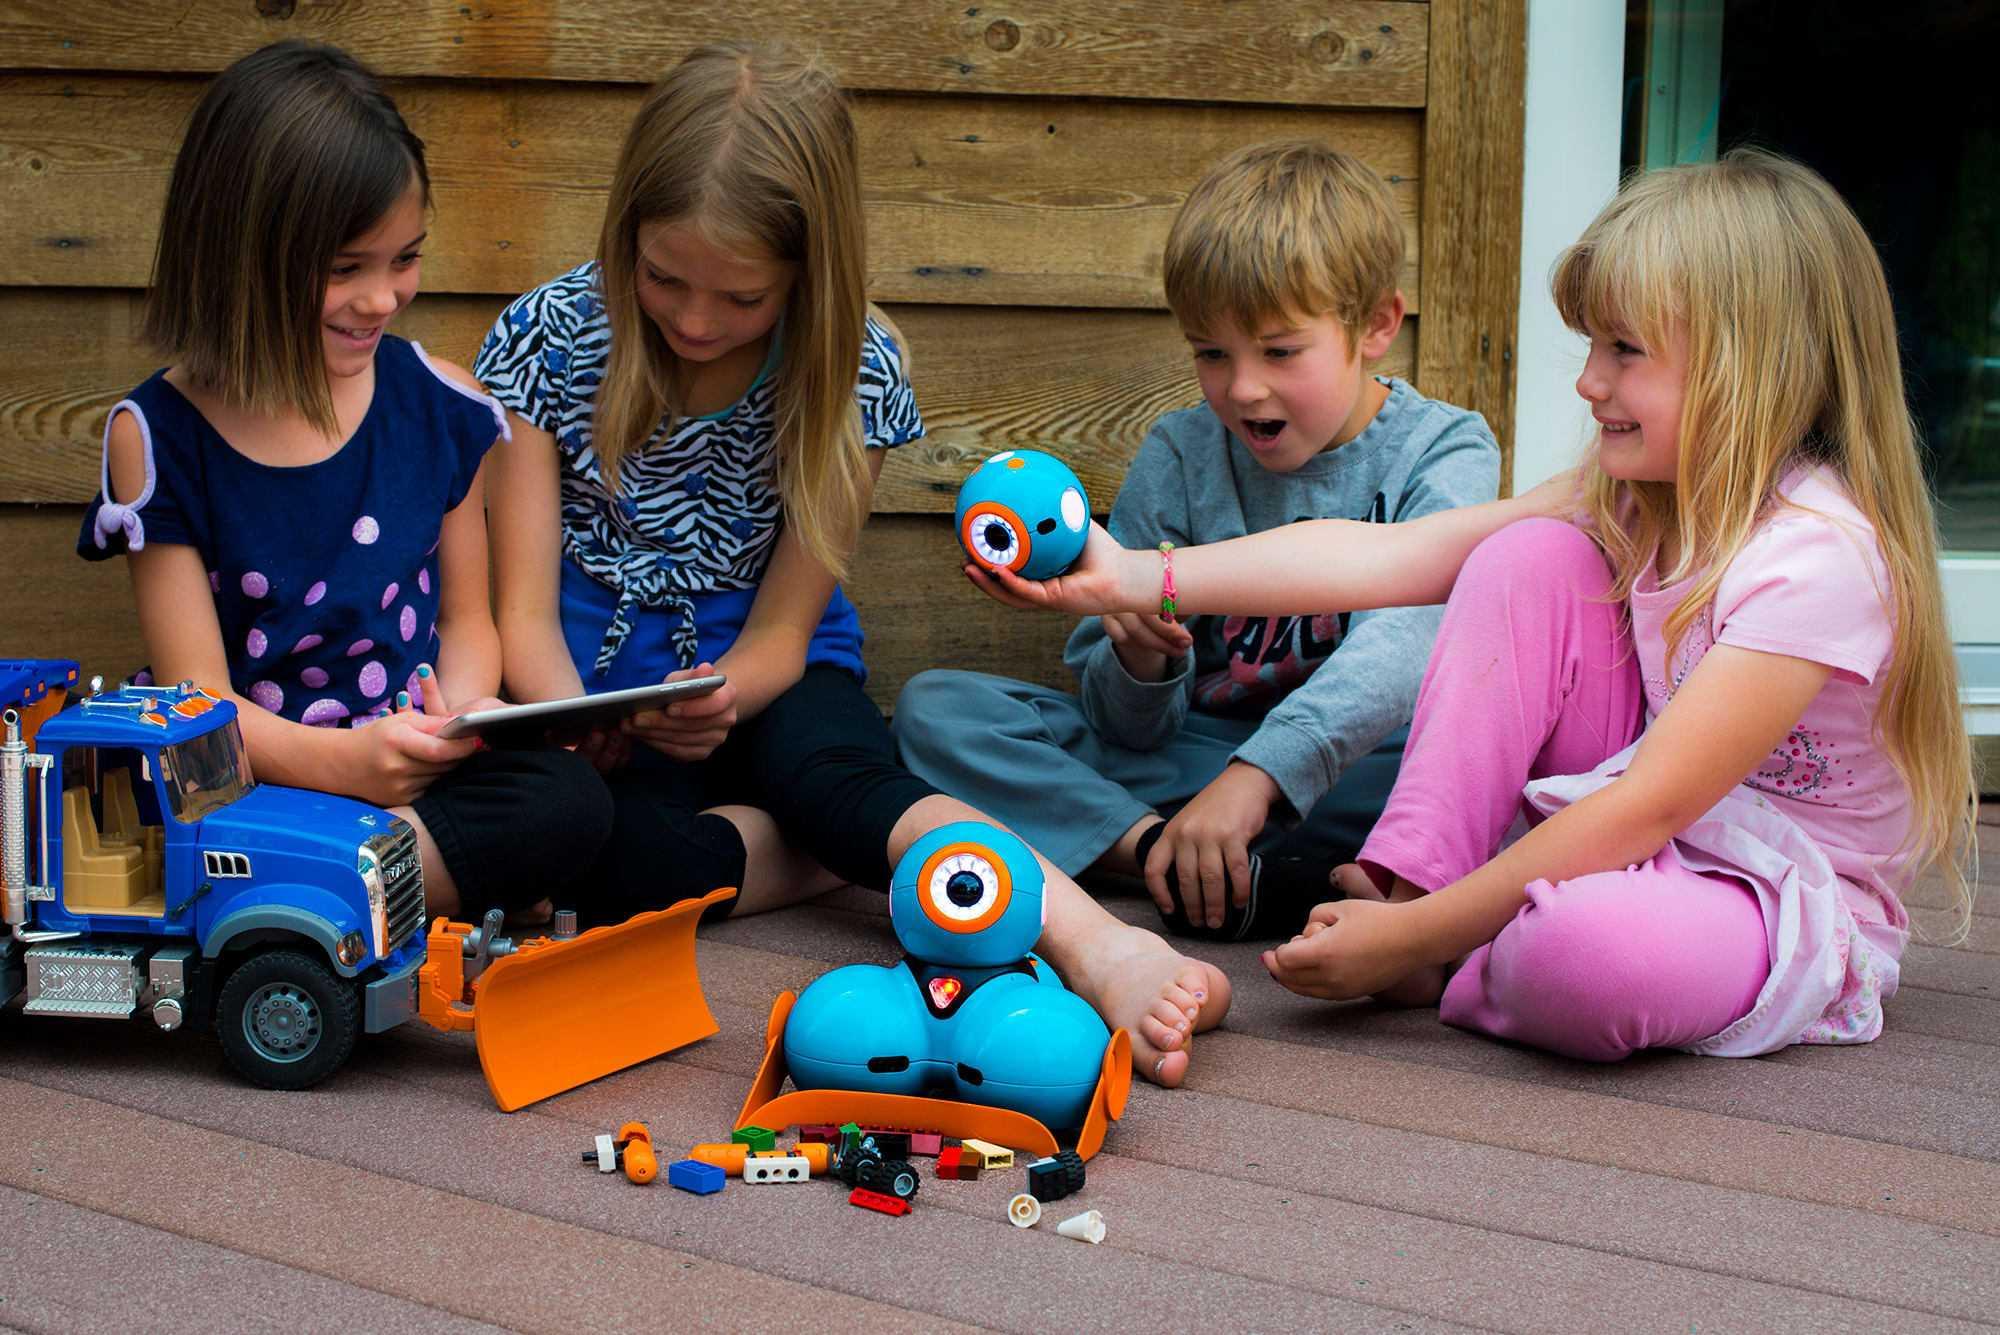 Малыши не всегда любят делиться игрушками, но этому можно постепенно научить, хотя некоторые психологи считают, что этого делать не нужно